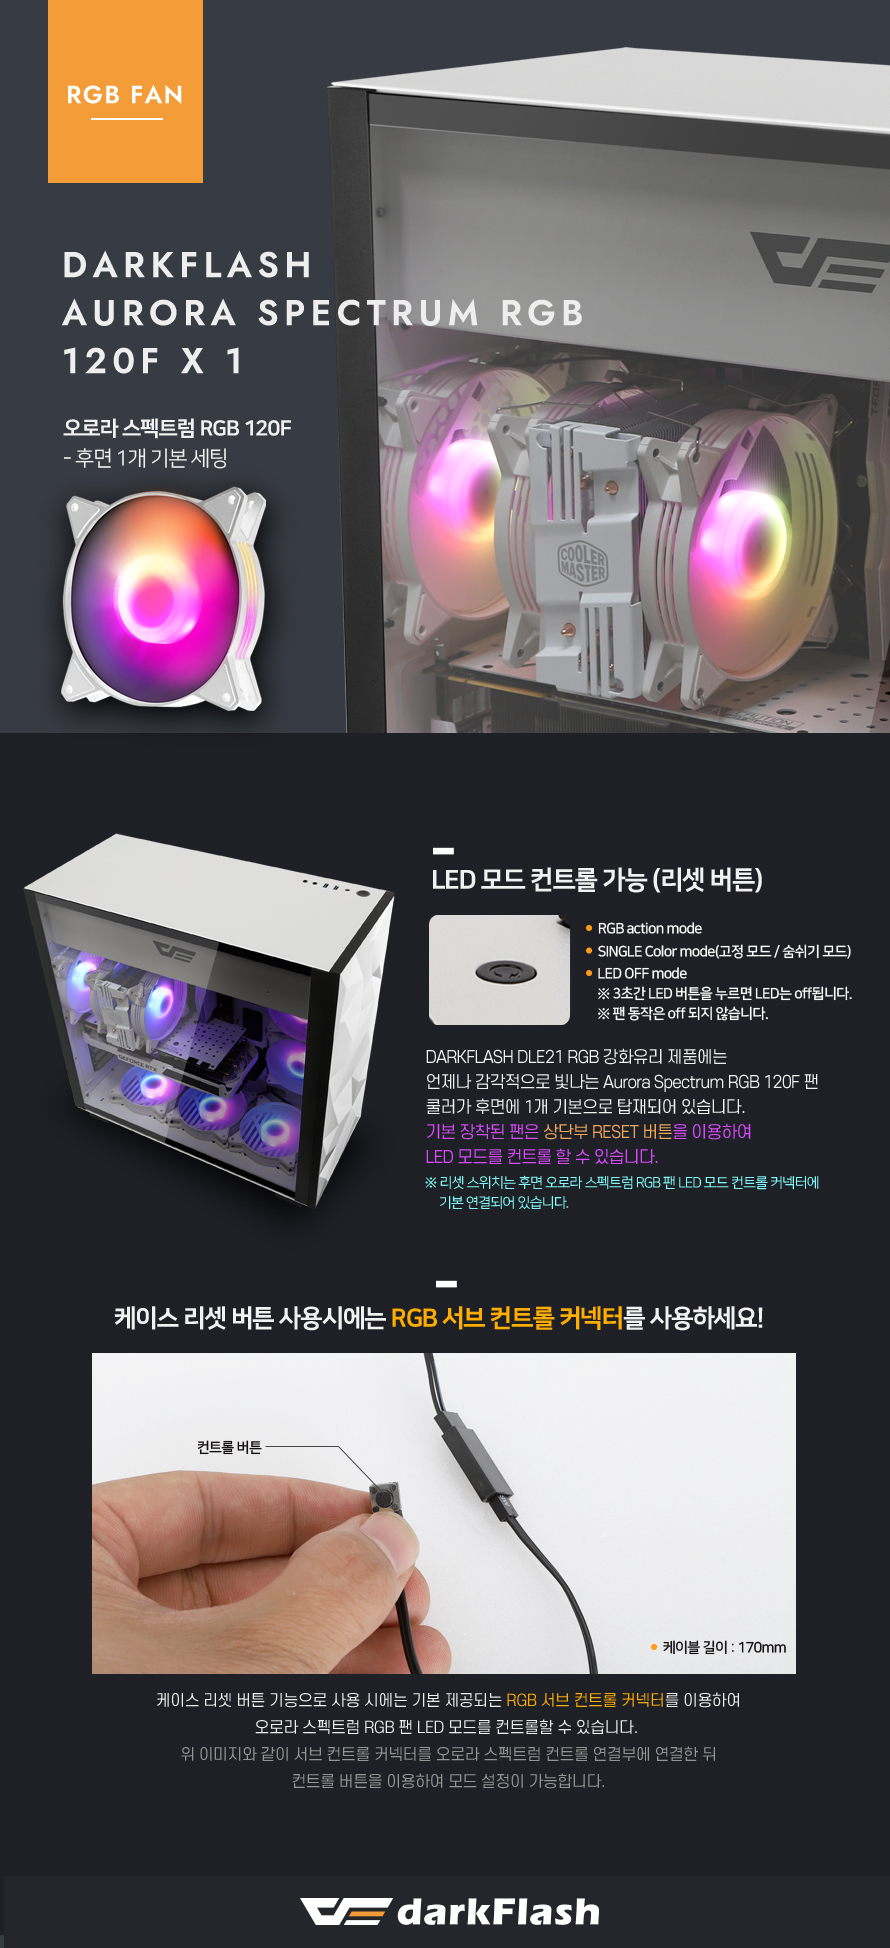 darkFlash DLE21 RGB 강화유리 (화이트)